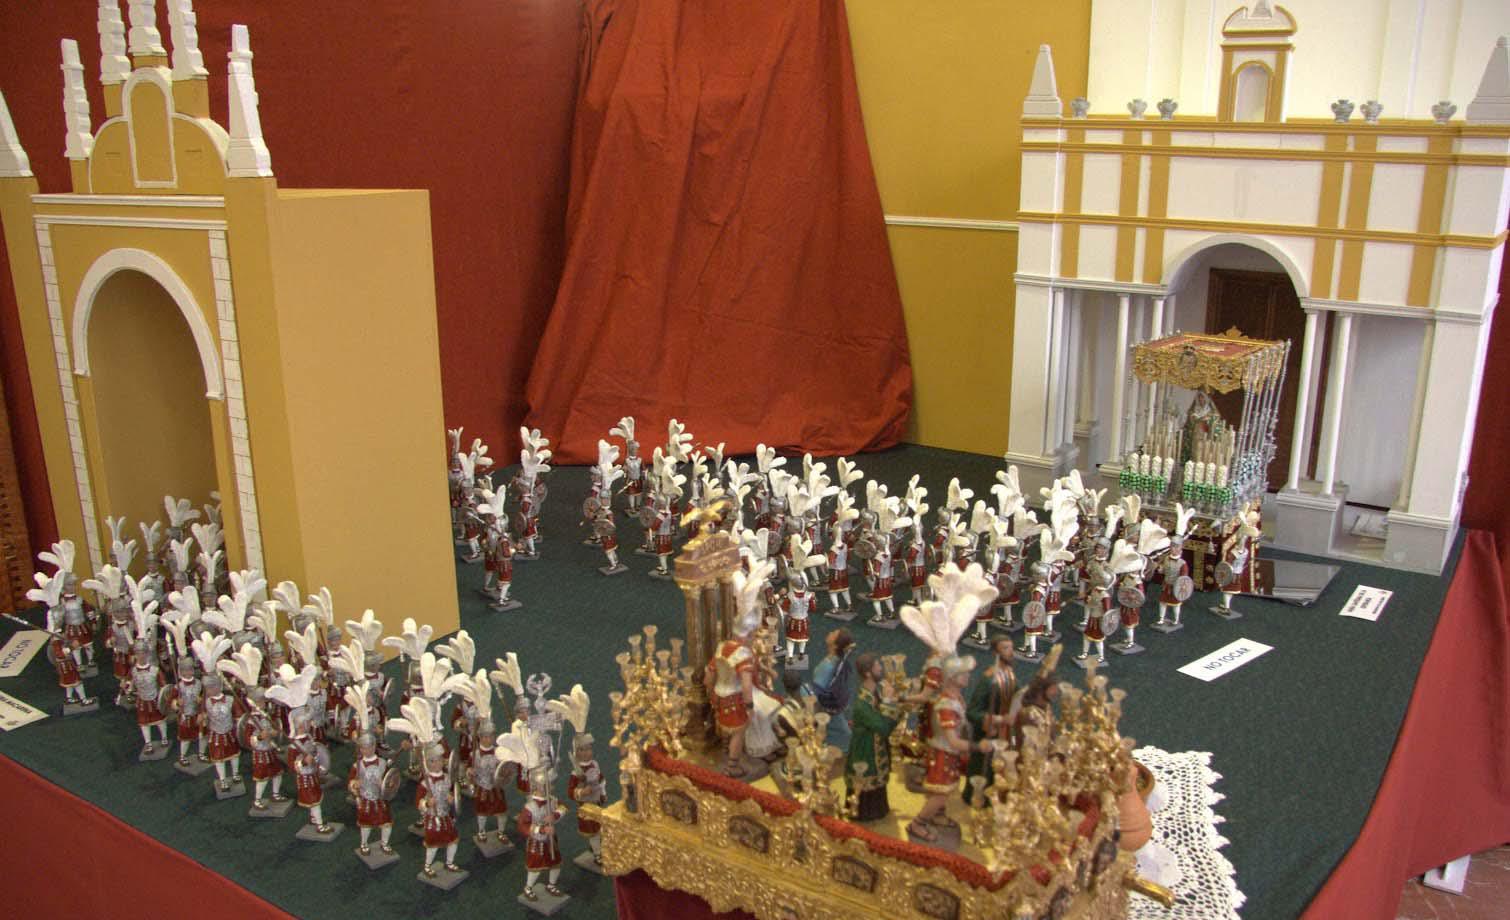 Una muestra recoge en la Casa Colón un centenar de pasos en miniatura de la Semana Santa de Andalucía